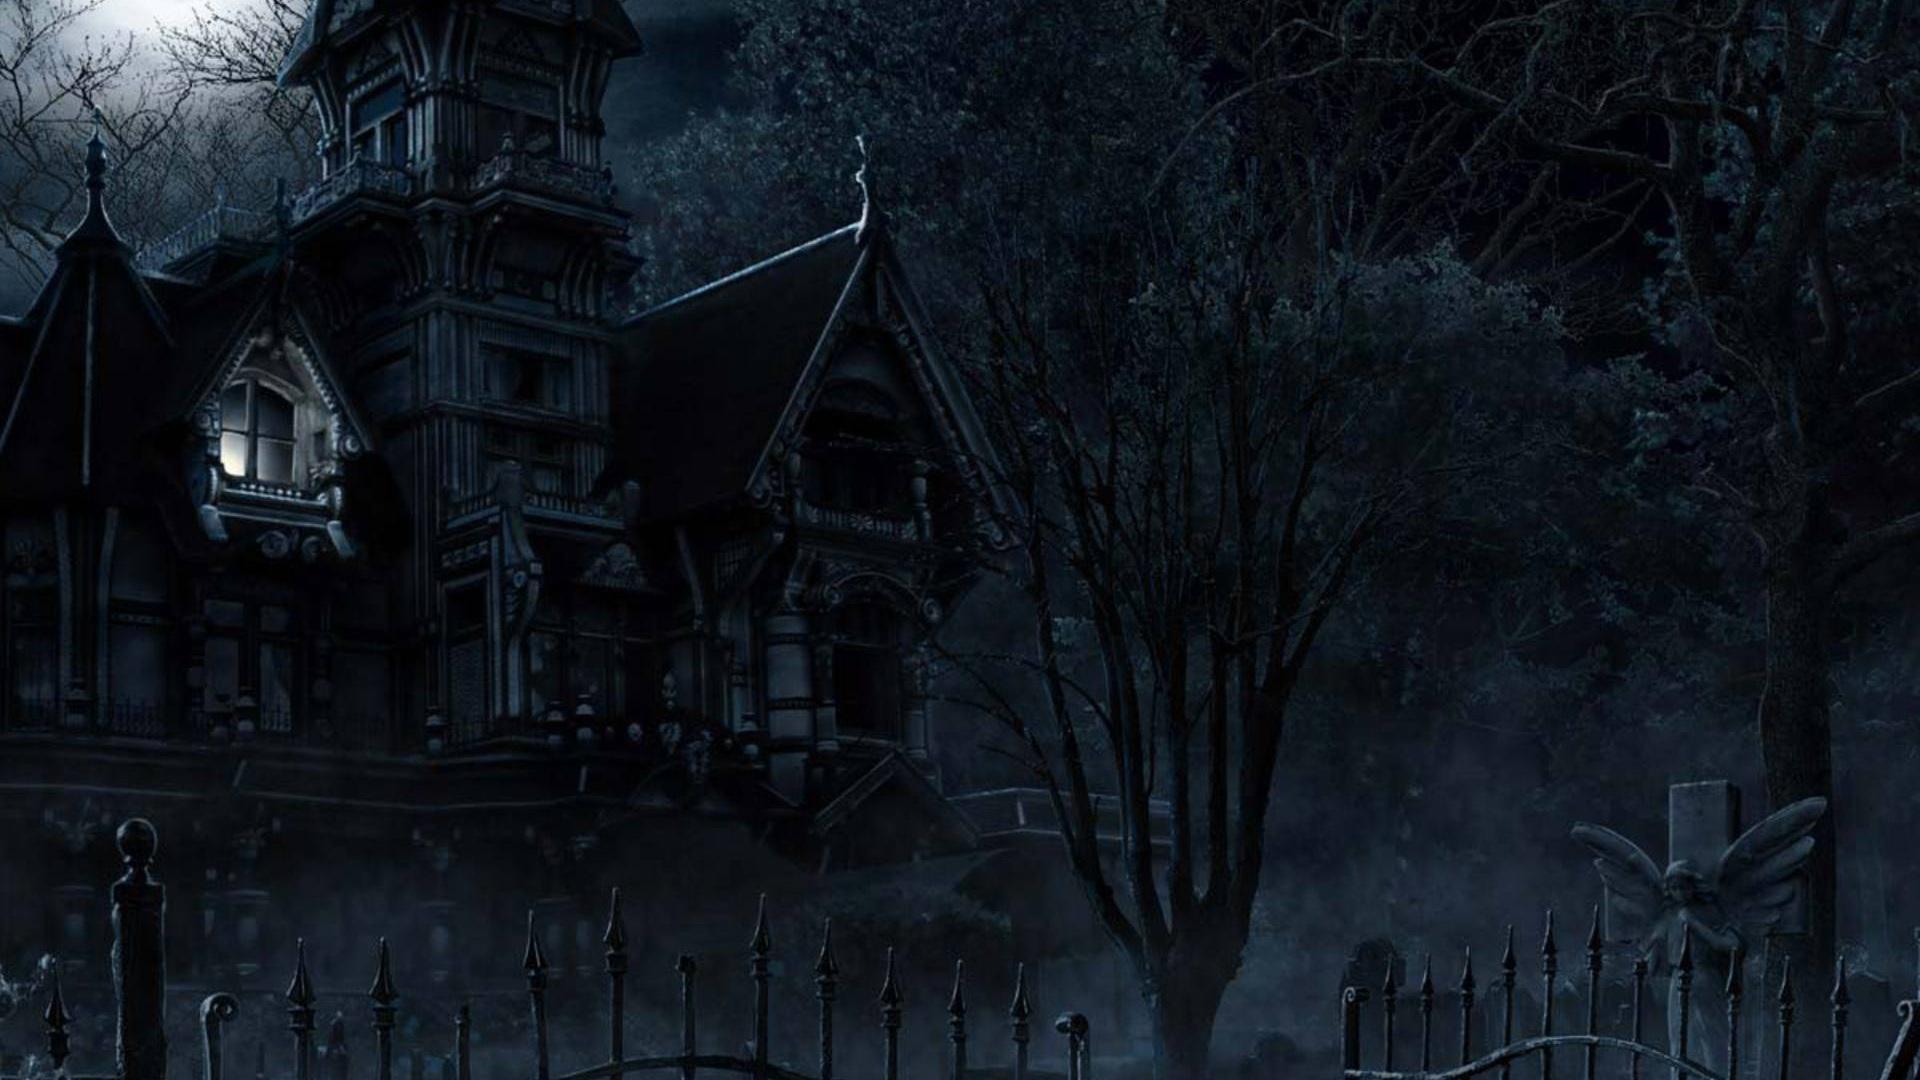 Halloween Wallpapers Widescreen Myomlife Halloween Backgrounds ...